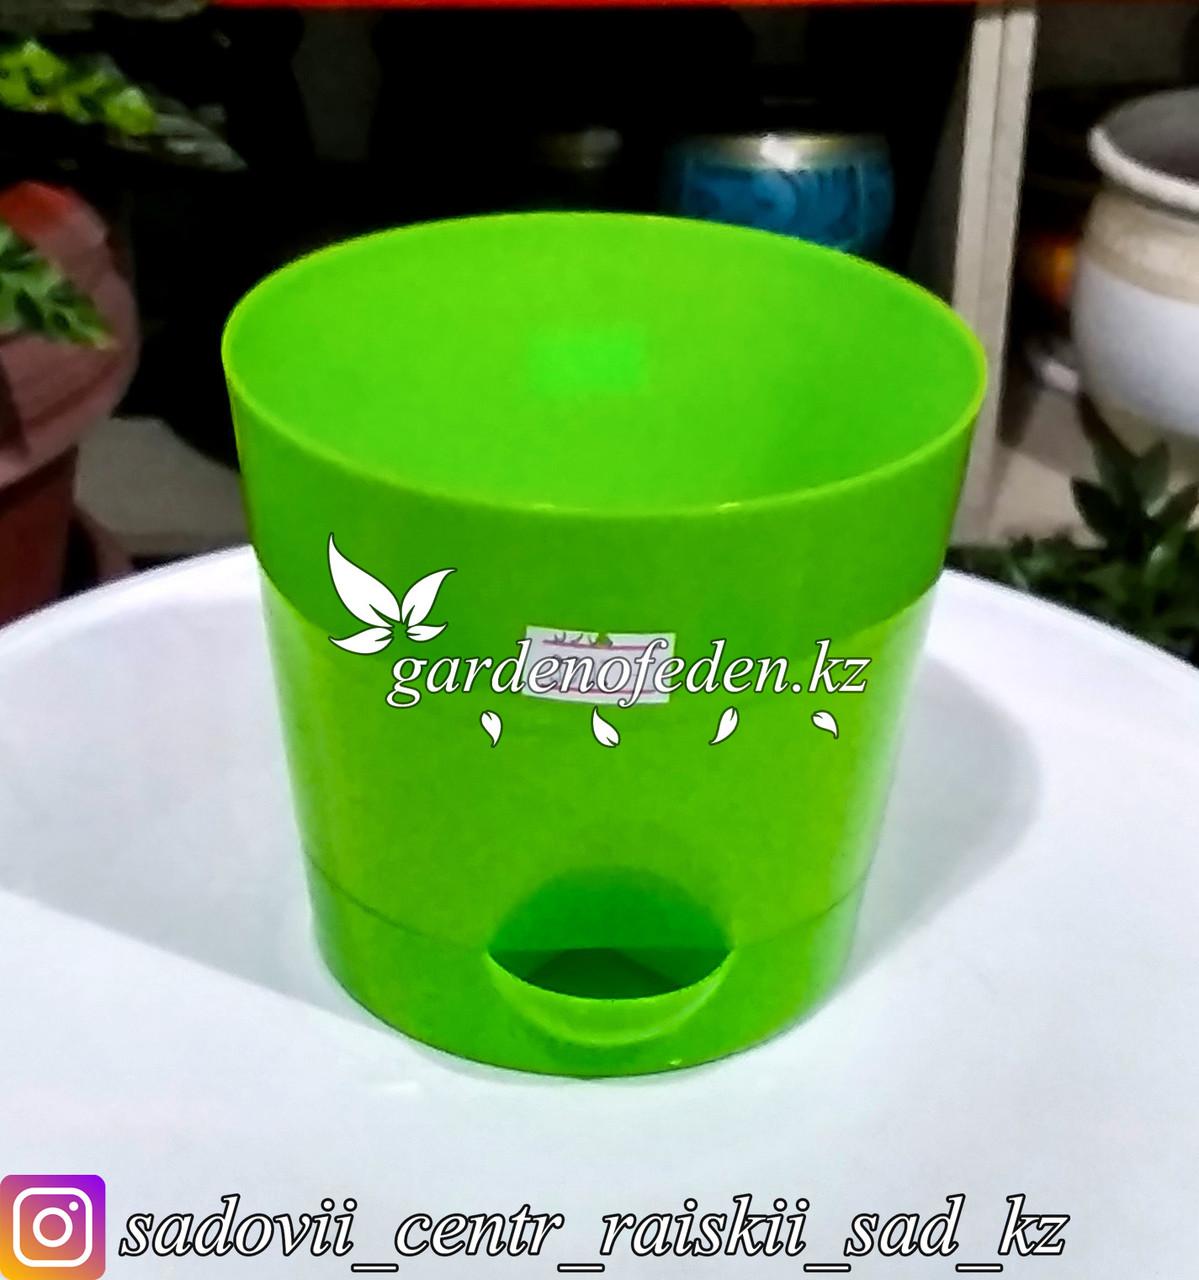 """Пластиковое кашпо с прикорневым поливом """"Ника"""". Цвет: Зеленый. Объем: 0.8л"""